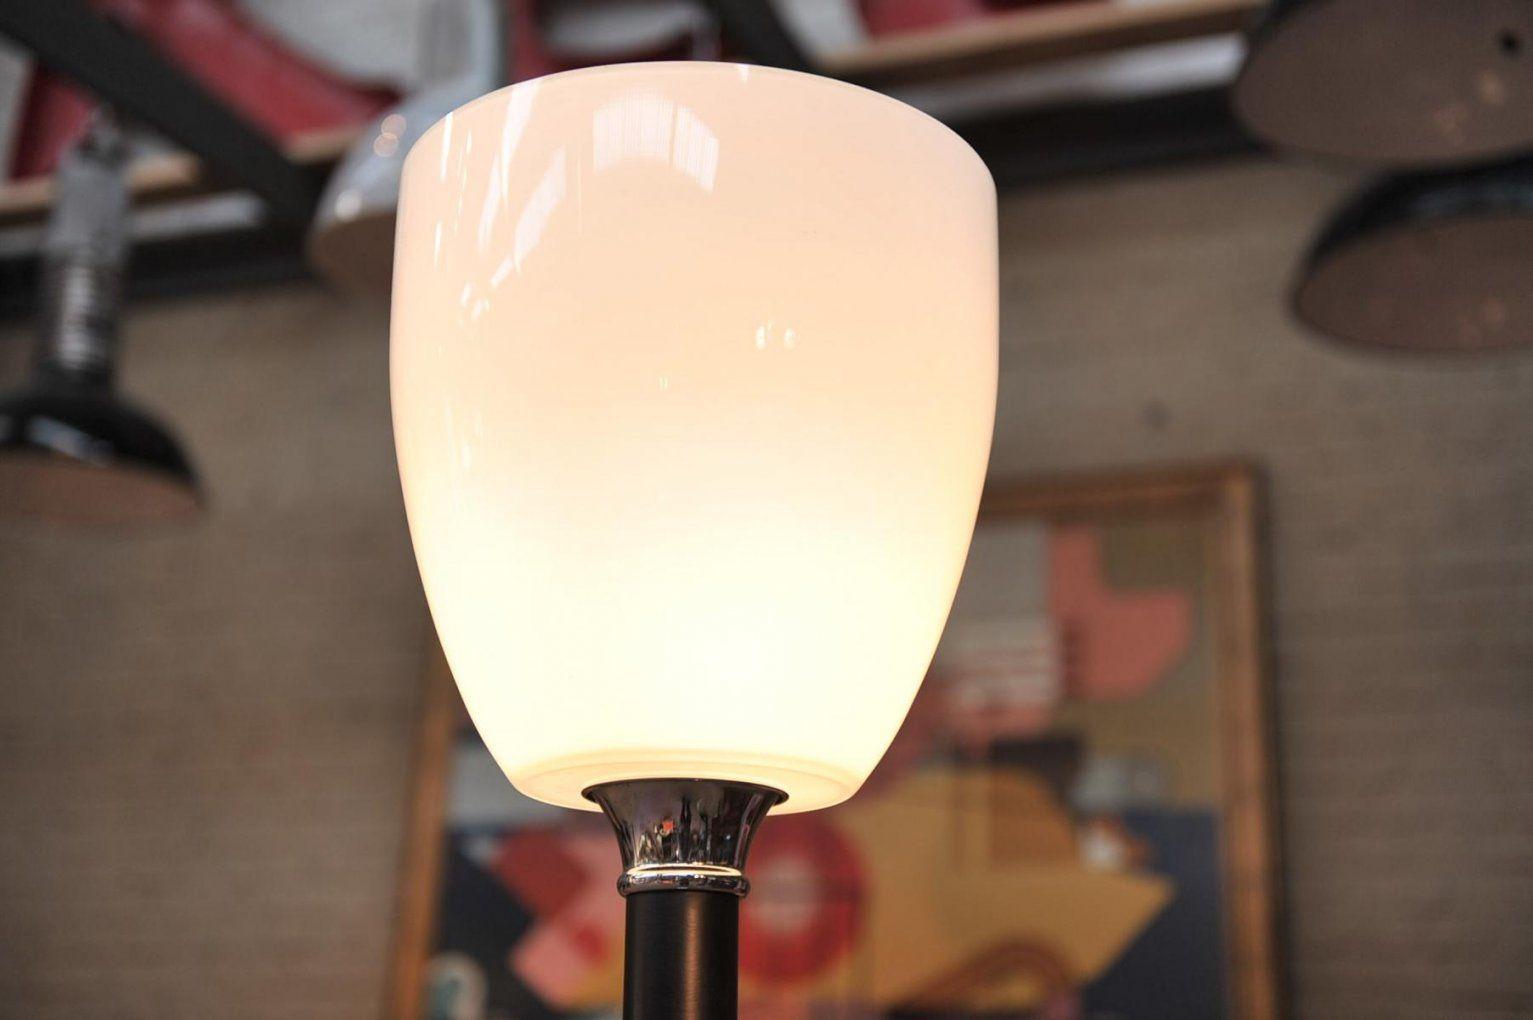 Gut ... Stehlampe Mit Glas Lampenschirm 1960Er Bei Pamono Kaufen Von Glas  Lampenschirm Für Stehlampe Photo Glas Lampenschirm Schaffen Schones Ambiente  ...